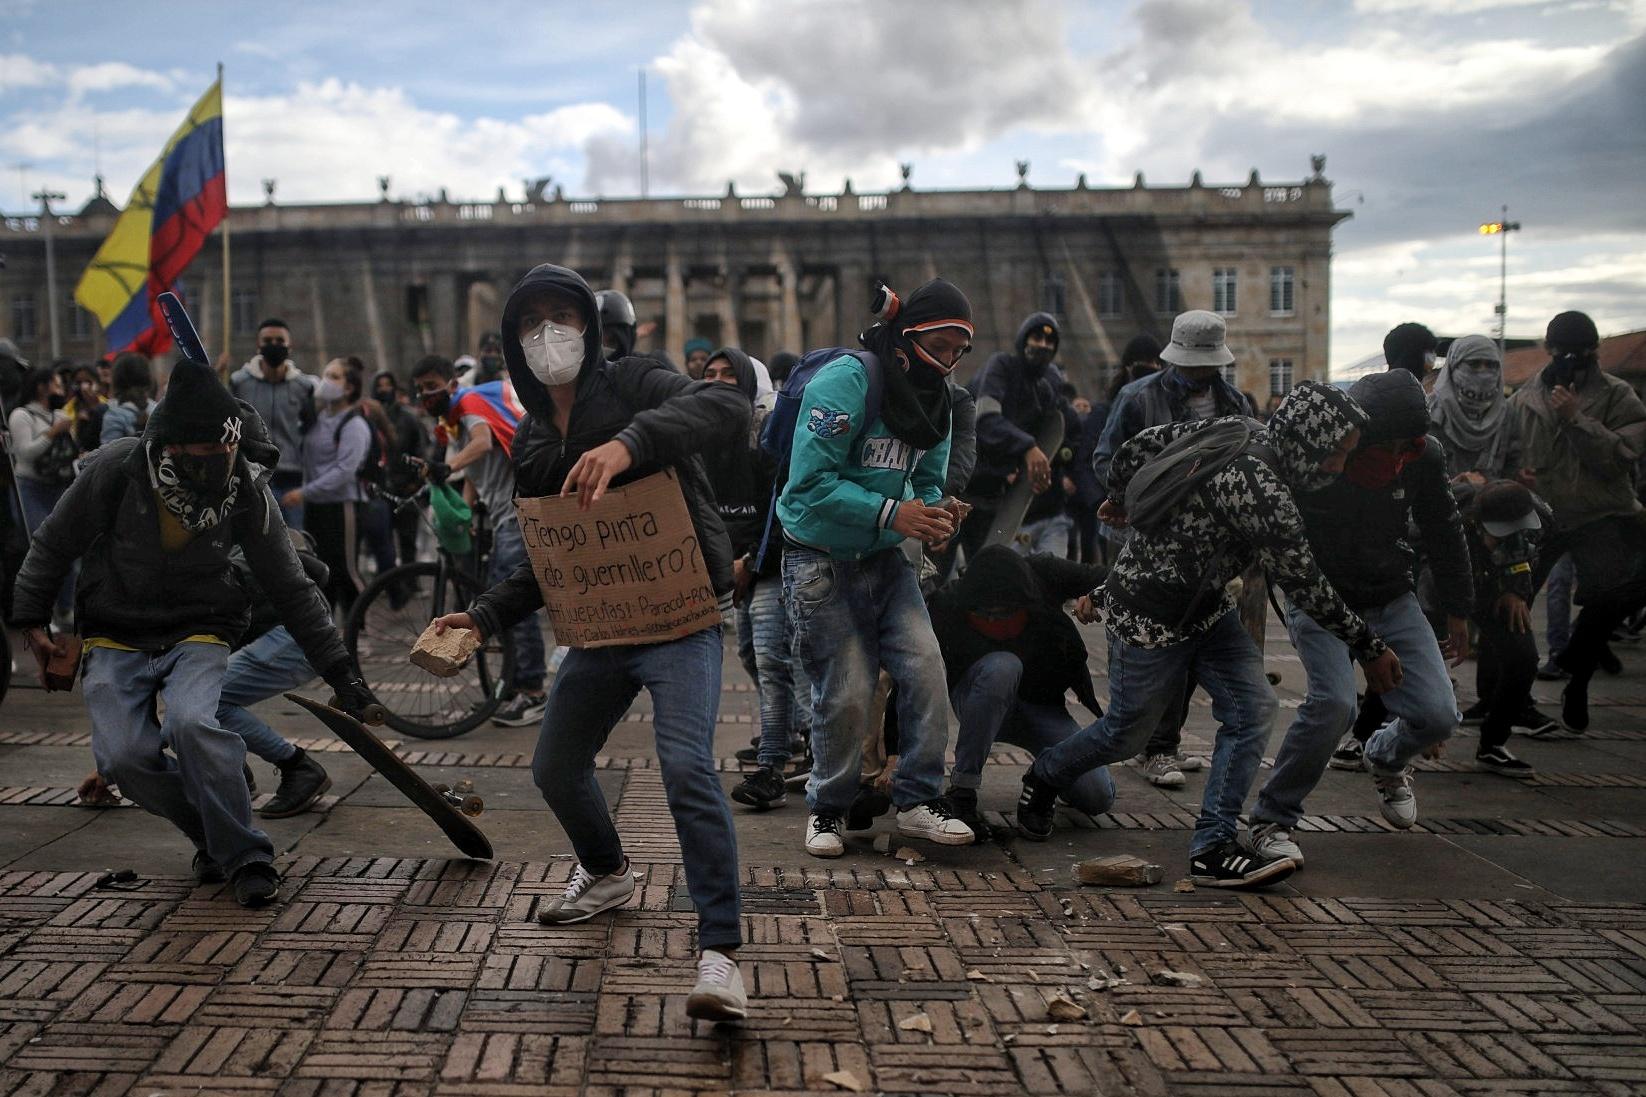 La protesta del 21S: una jornada pacífica con poco vandalismo